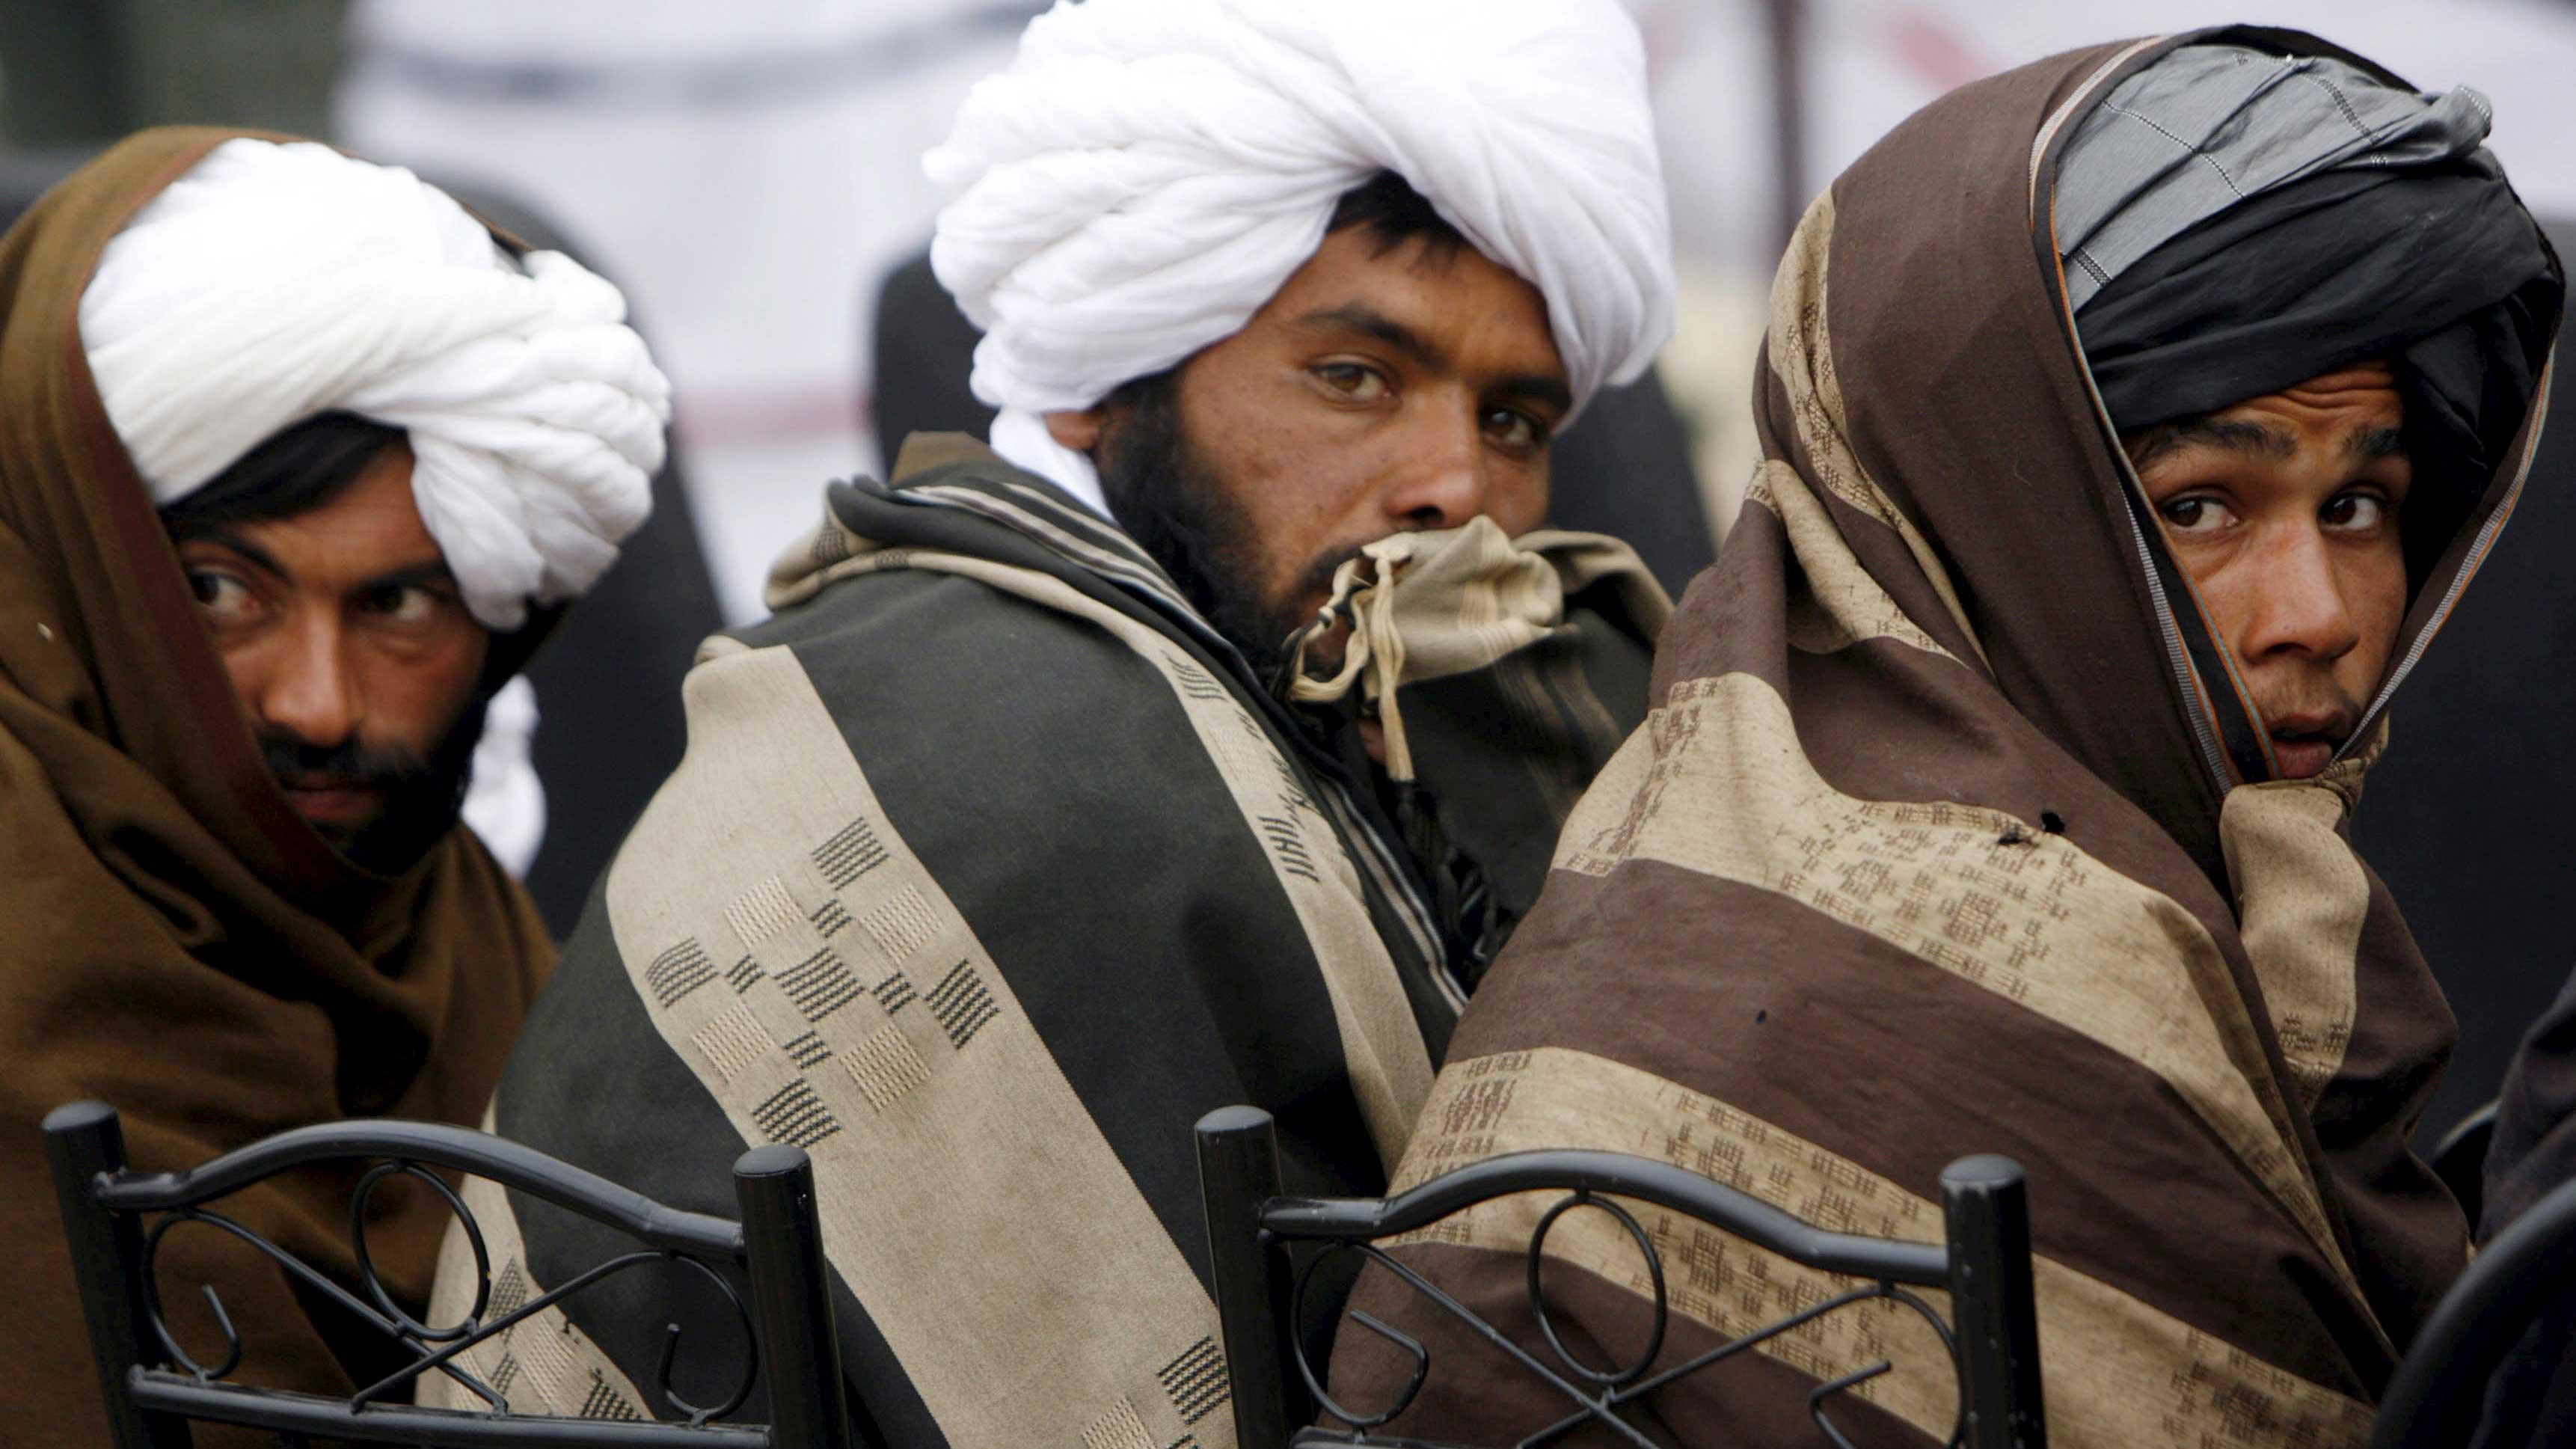 Afgan Talibanı'nın ideolojisi